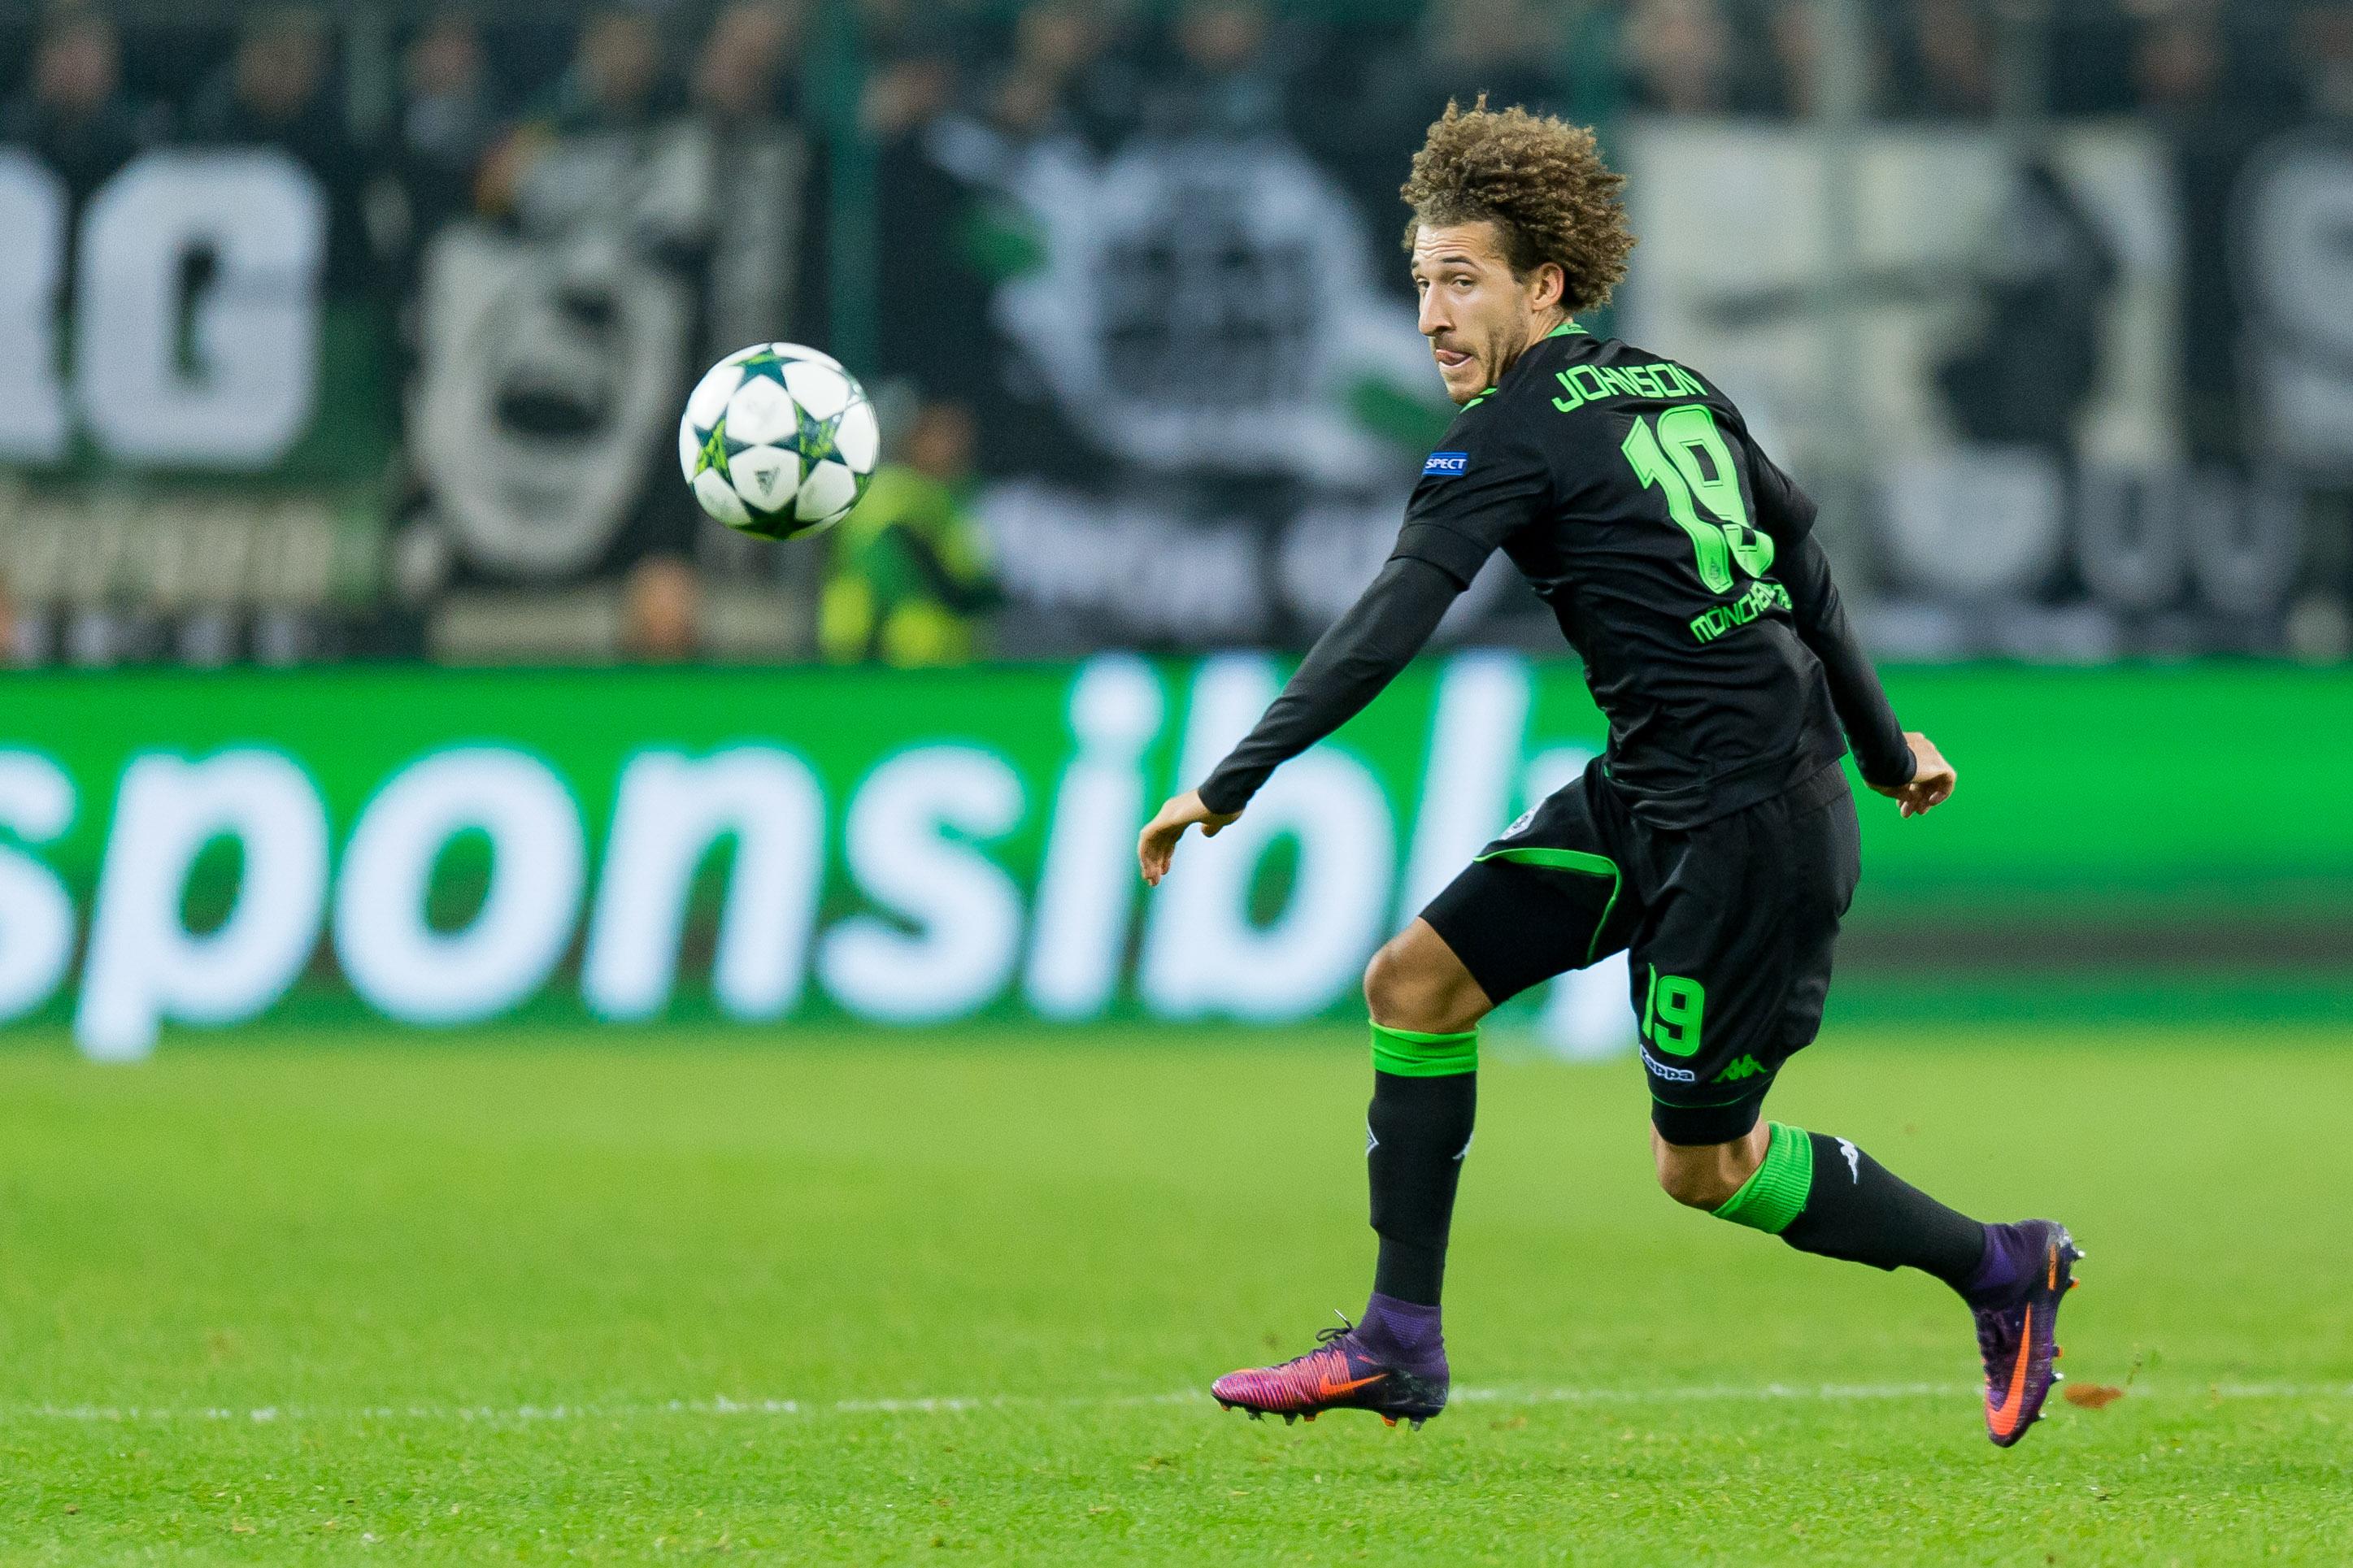 Borussia Dortmund Vs Borussia Monchengladbach Live Stream